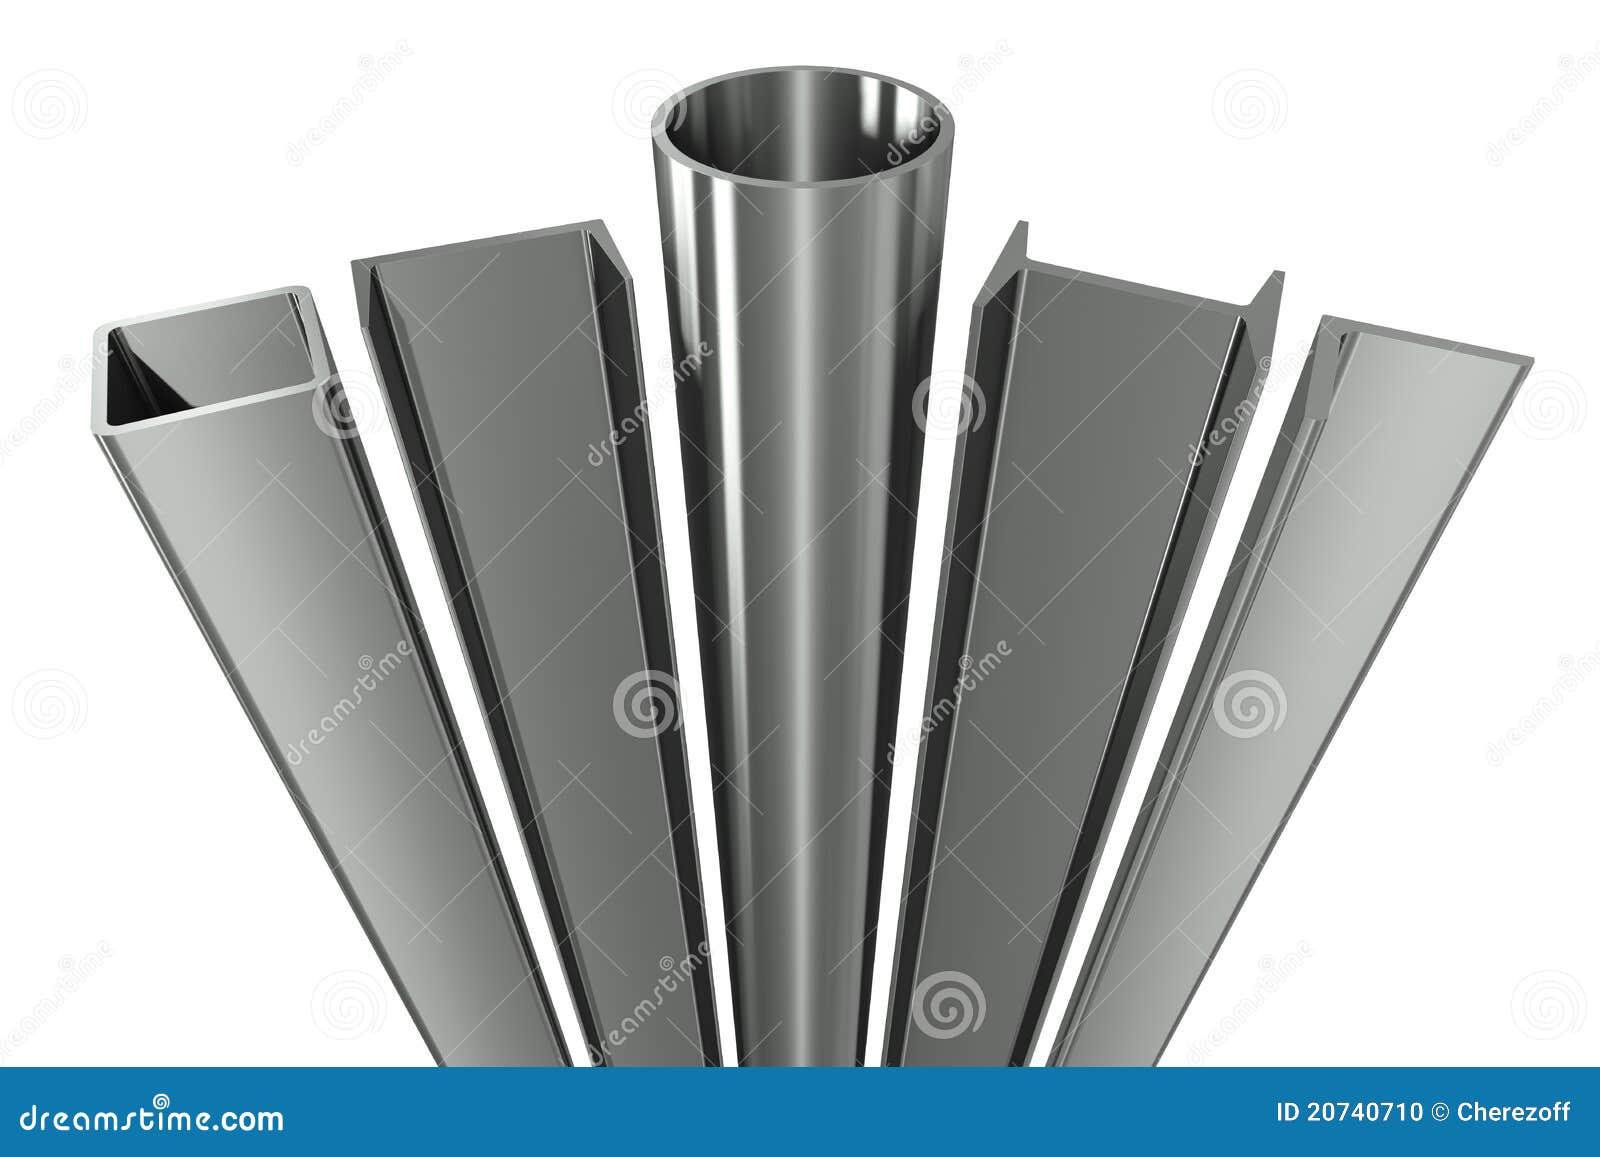 прогоны каналов углов metal труба квадратный t